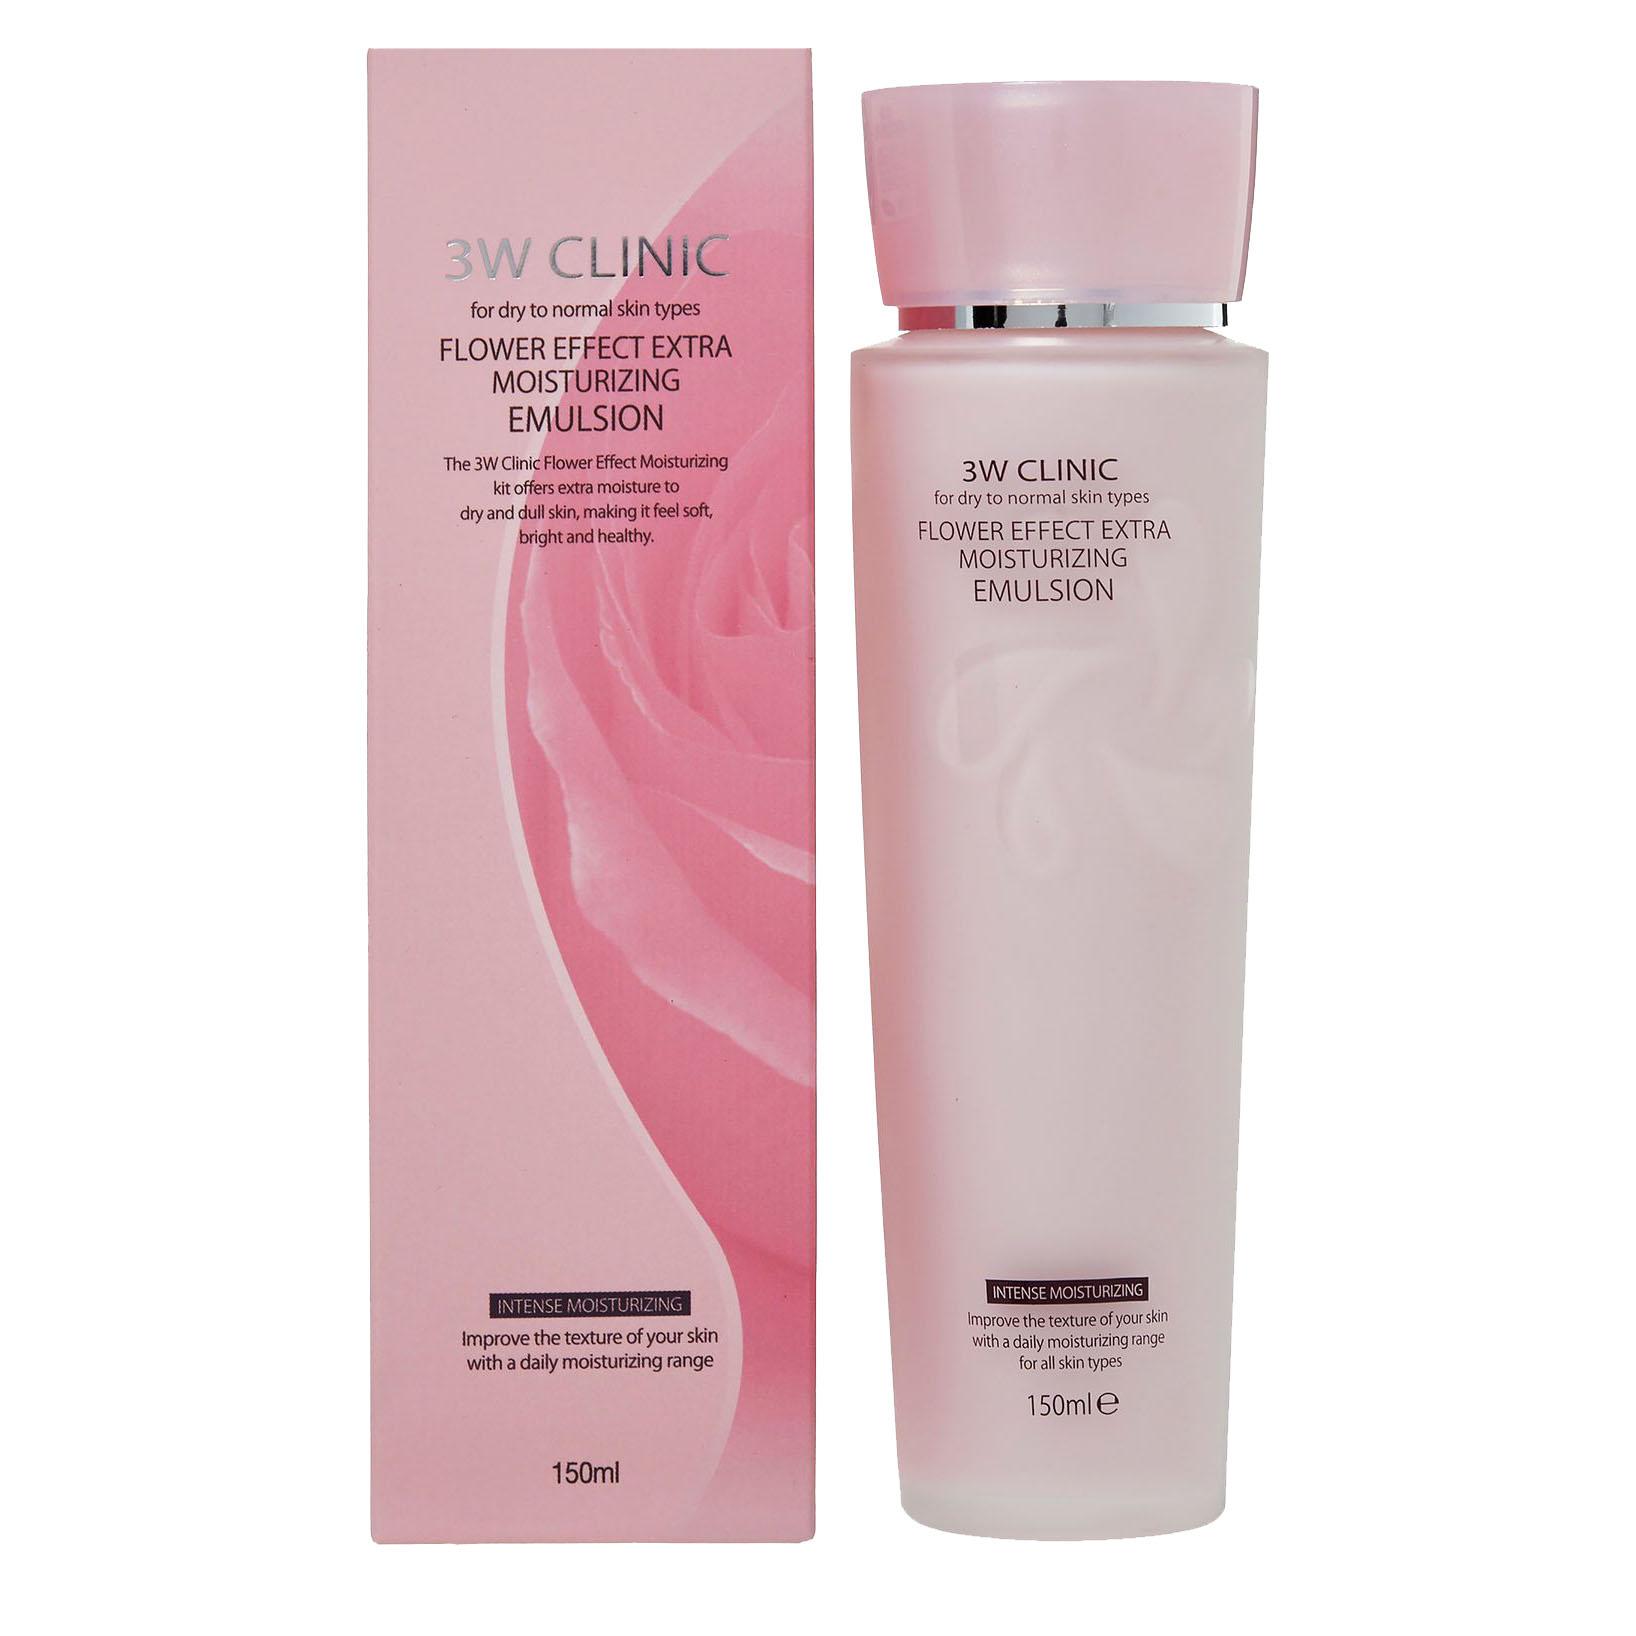 sua-duong-3w-clinic-flower-effect-etra-moisturizing-lotion-review-thanh-phan-gia-cong-dung